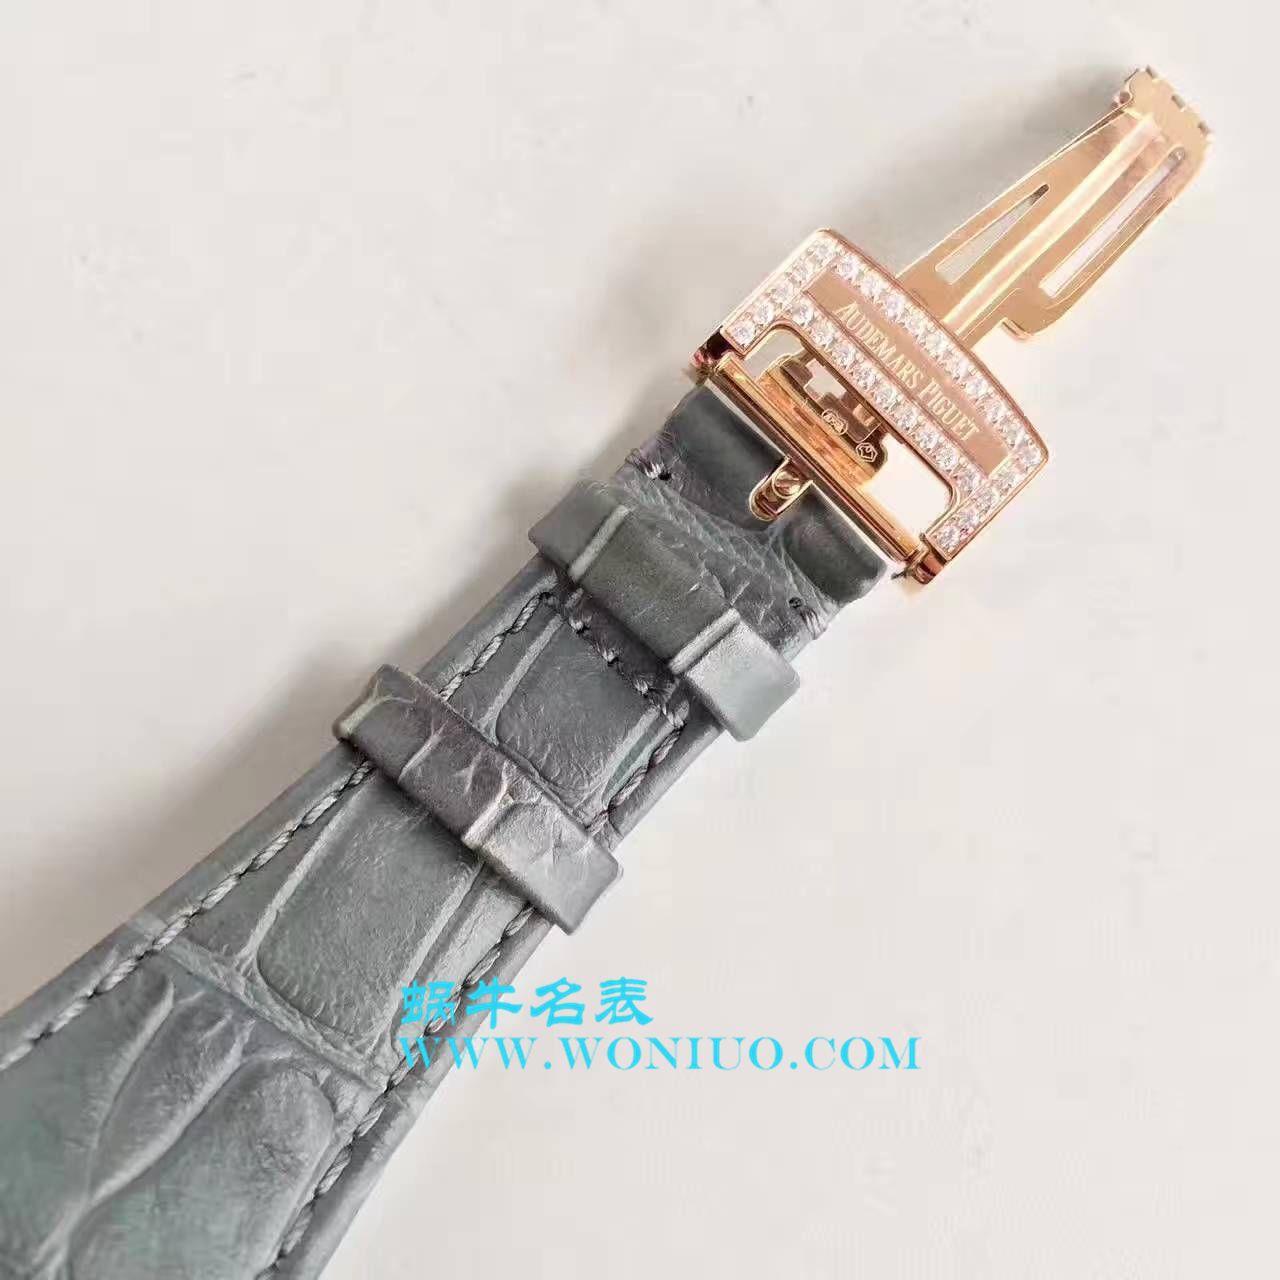 【视频评测JF厂Audemars Piguet复刻手表】爱彼皇家橡树系列15402OR.ZZ.D003CR.01腕表 / AP179